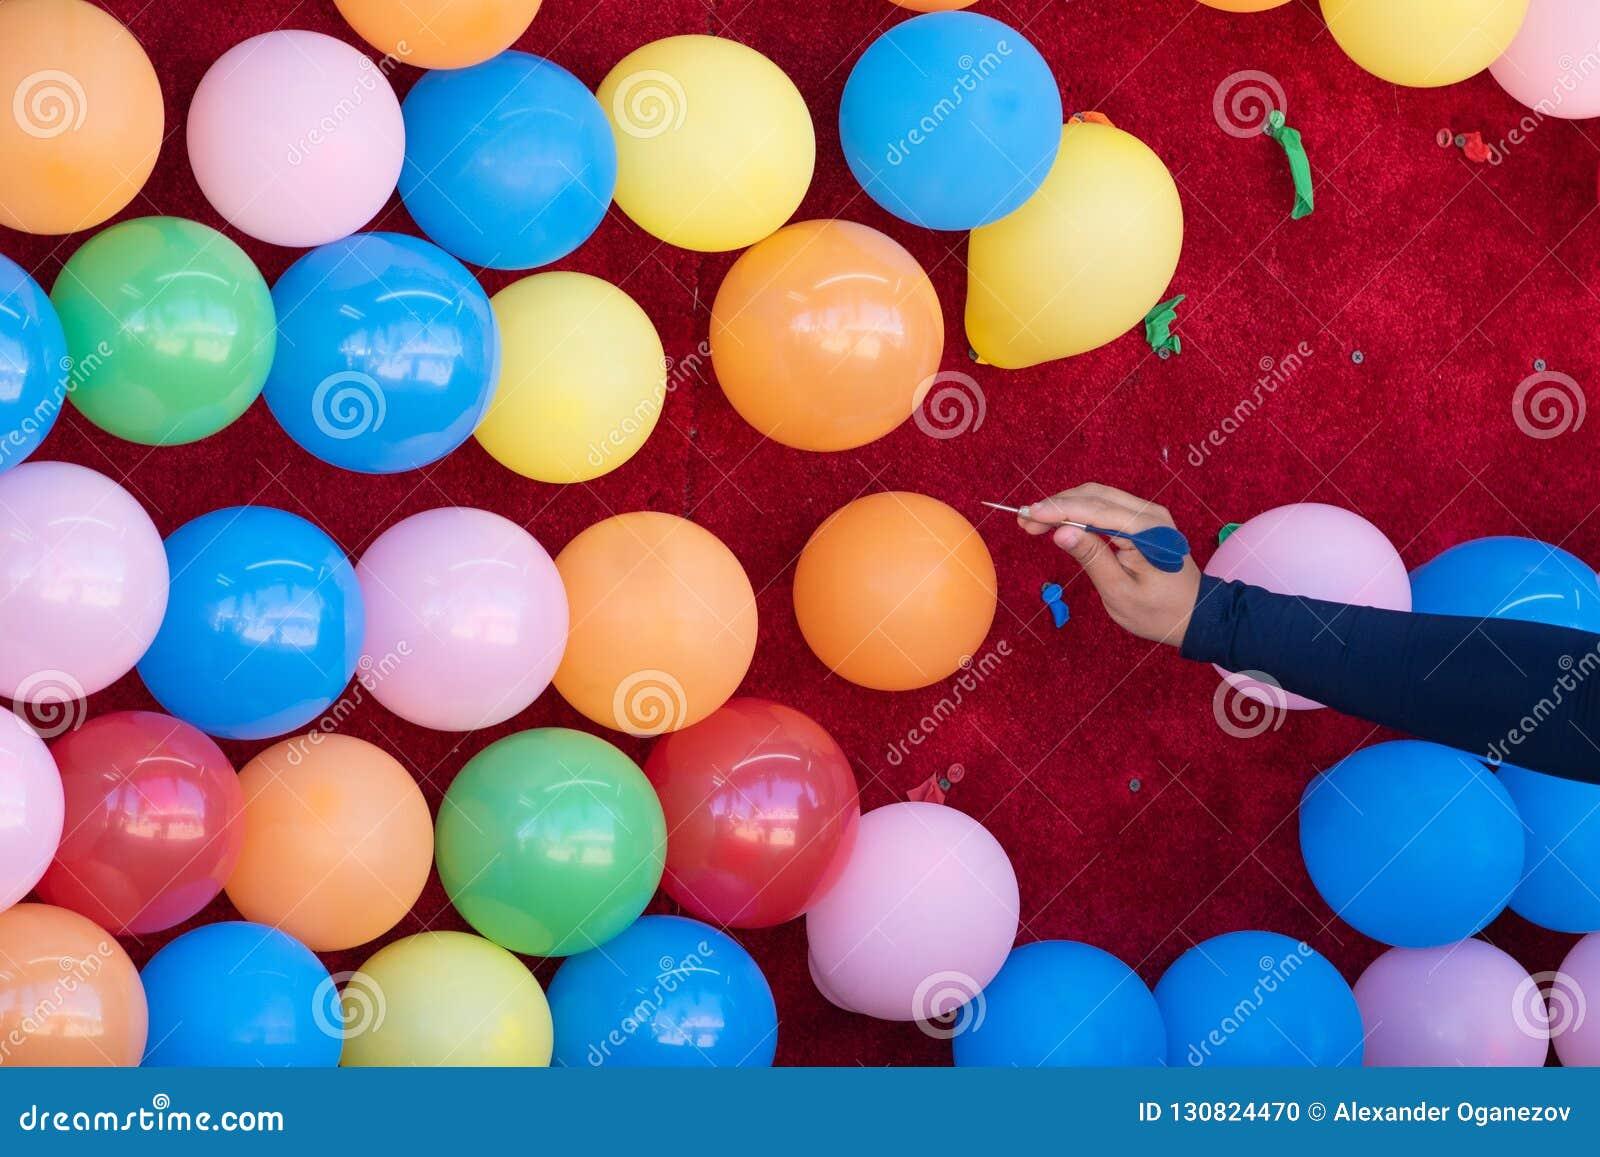 Frau, bunte Ballone mit einem Pfeil knallend